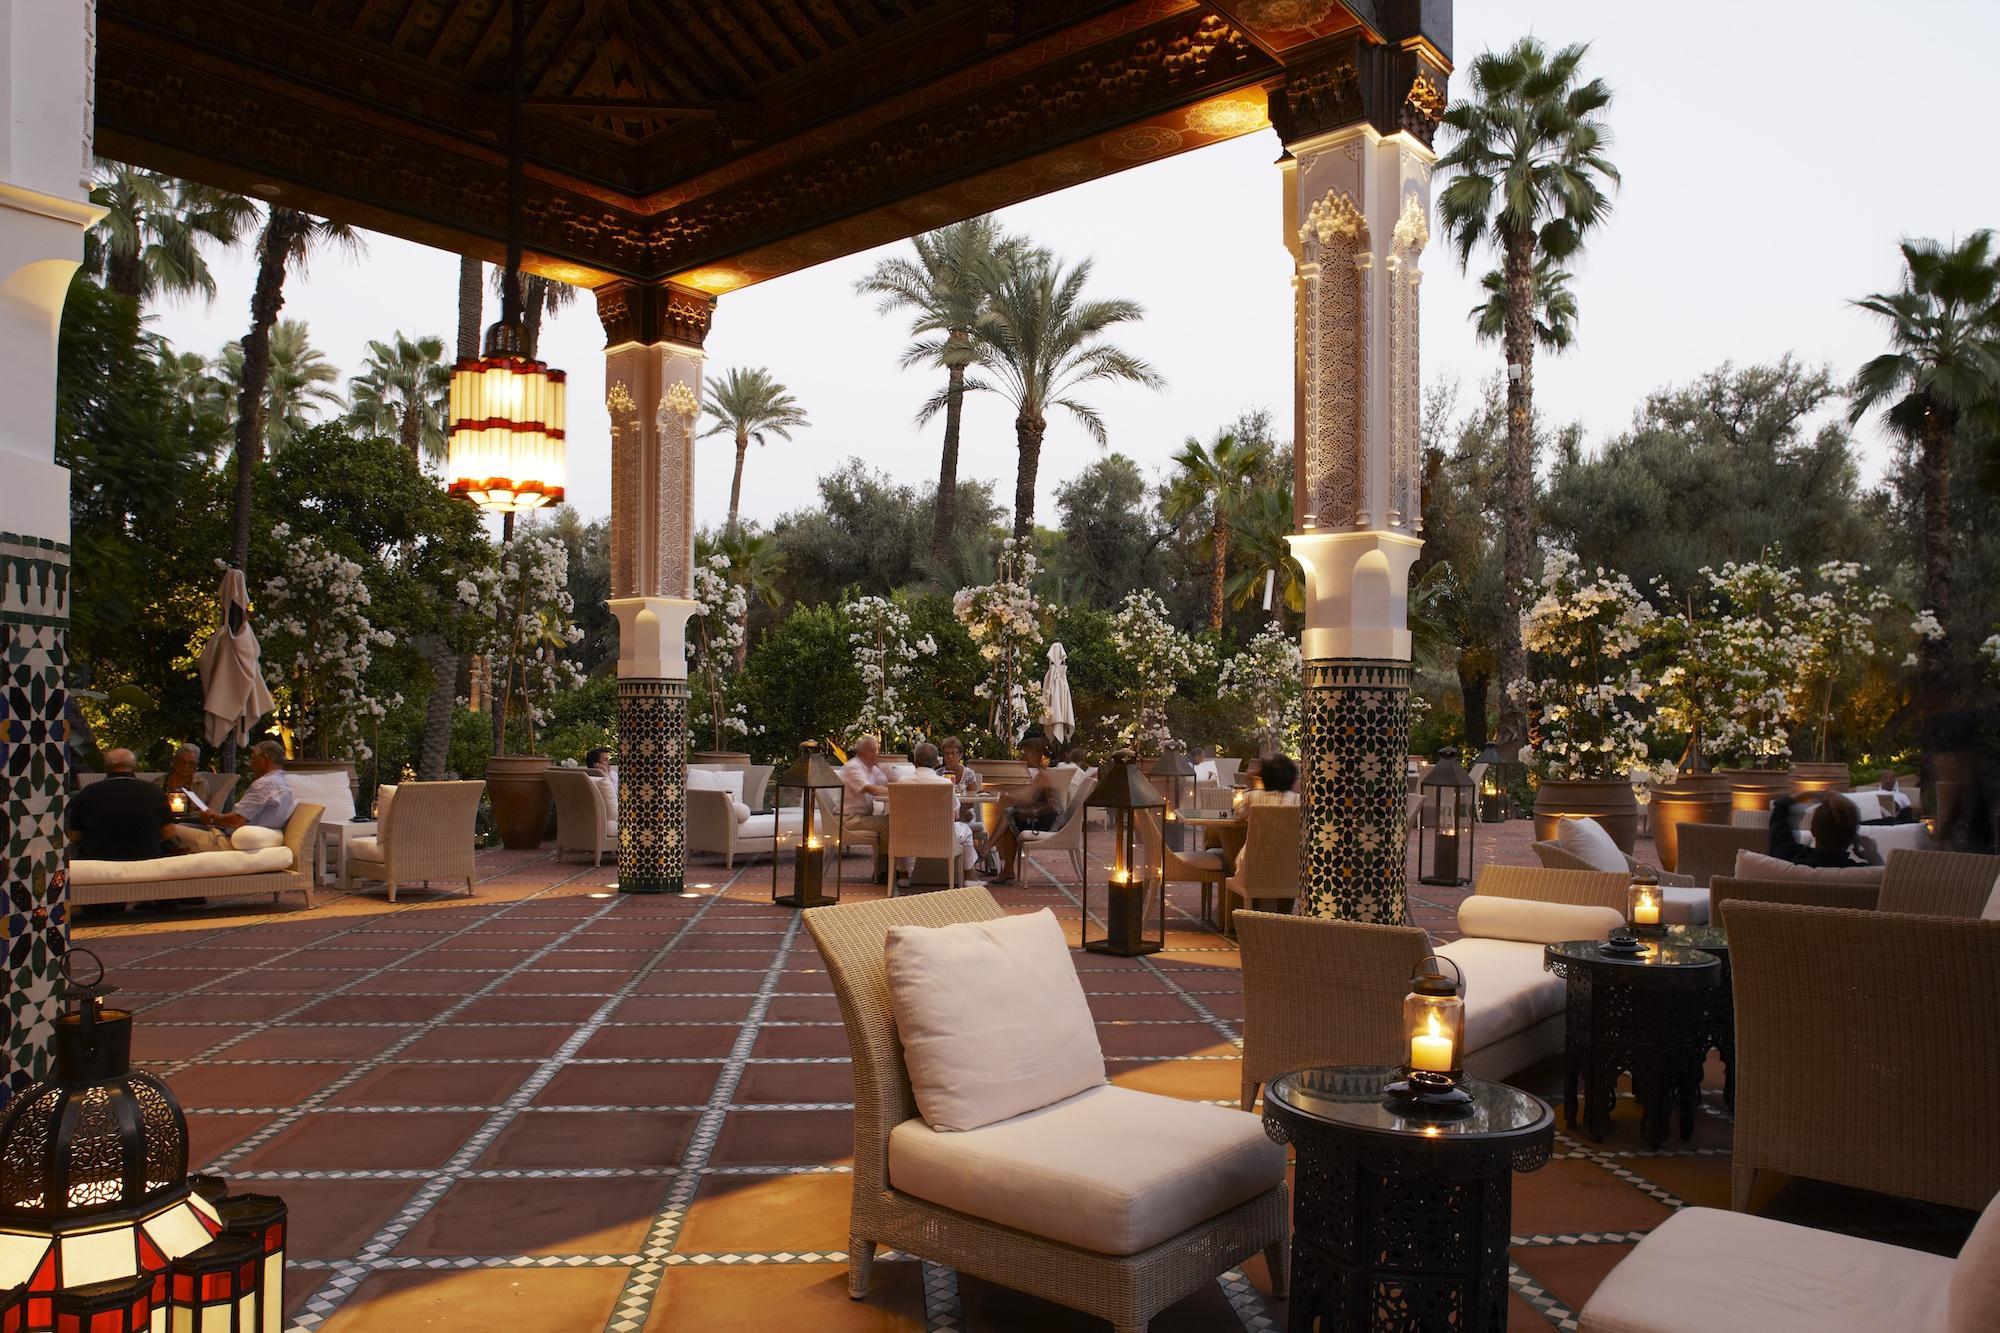 La mamounia de marrakech class e meilleur h tel du monde for Meilleur prix pour hotel